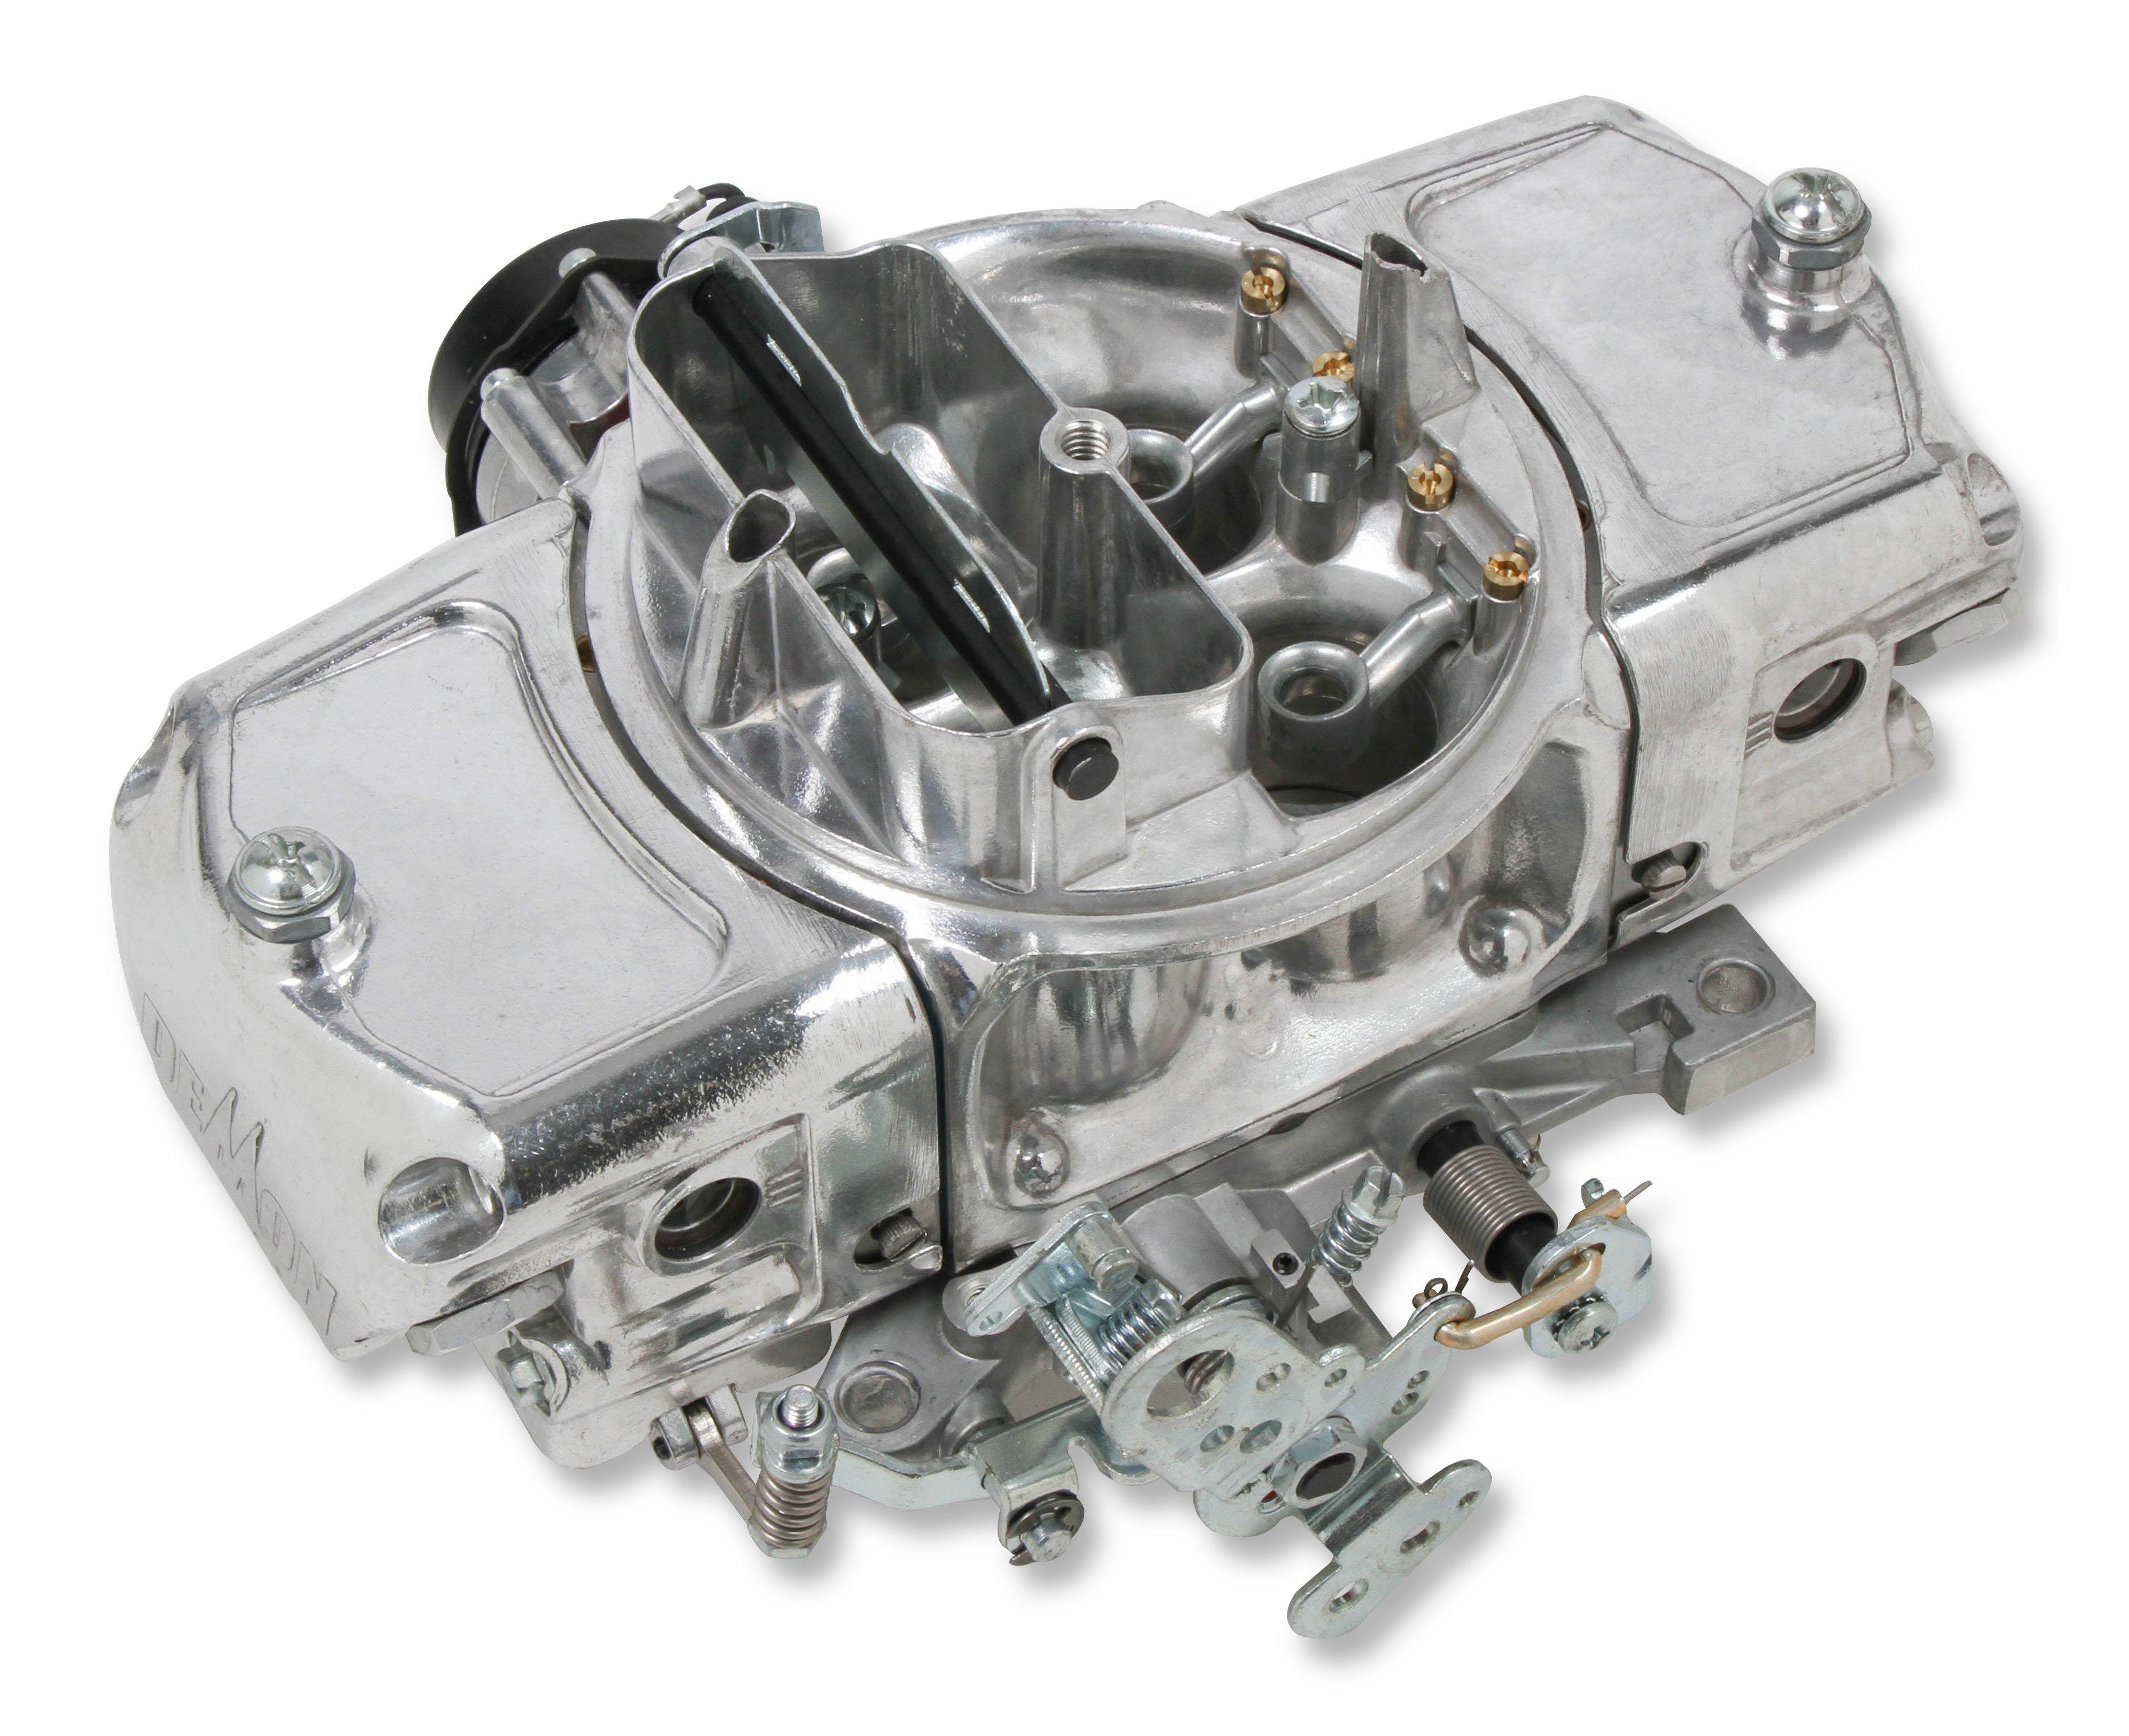 650 CFM Road Demon Carburetor